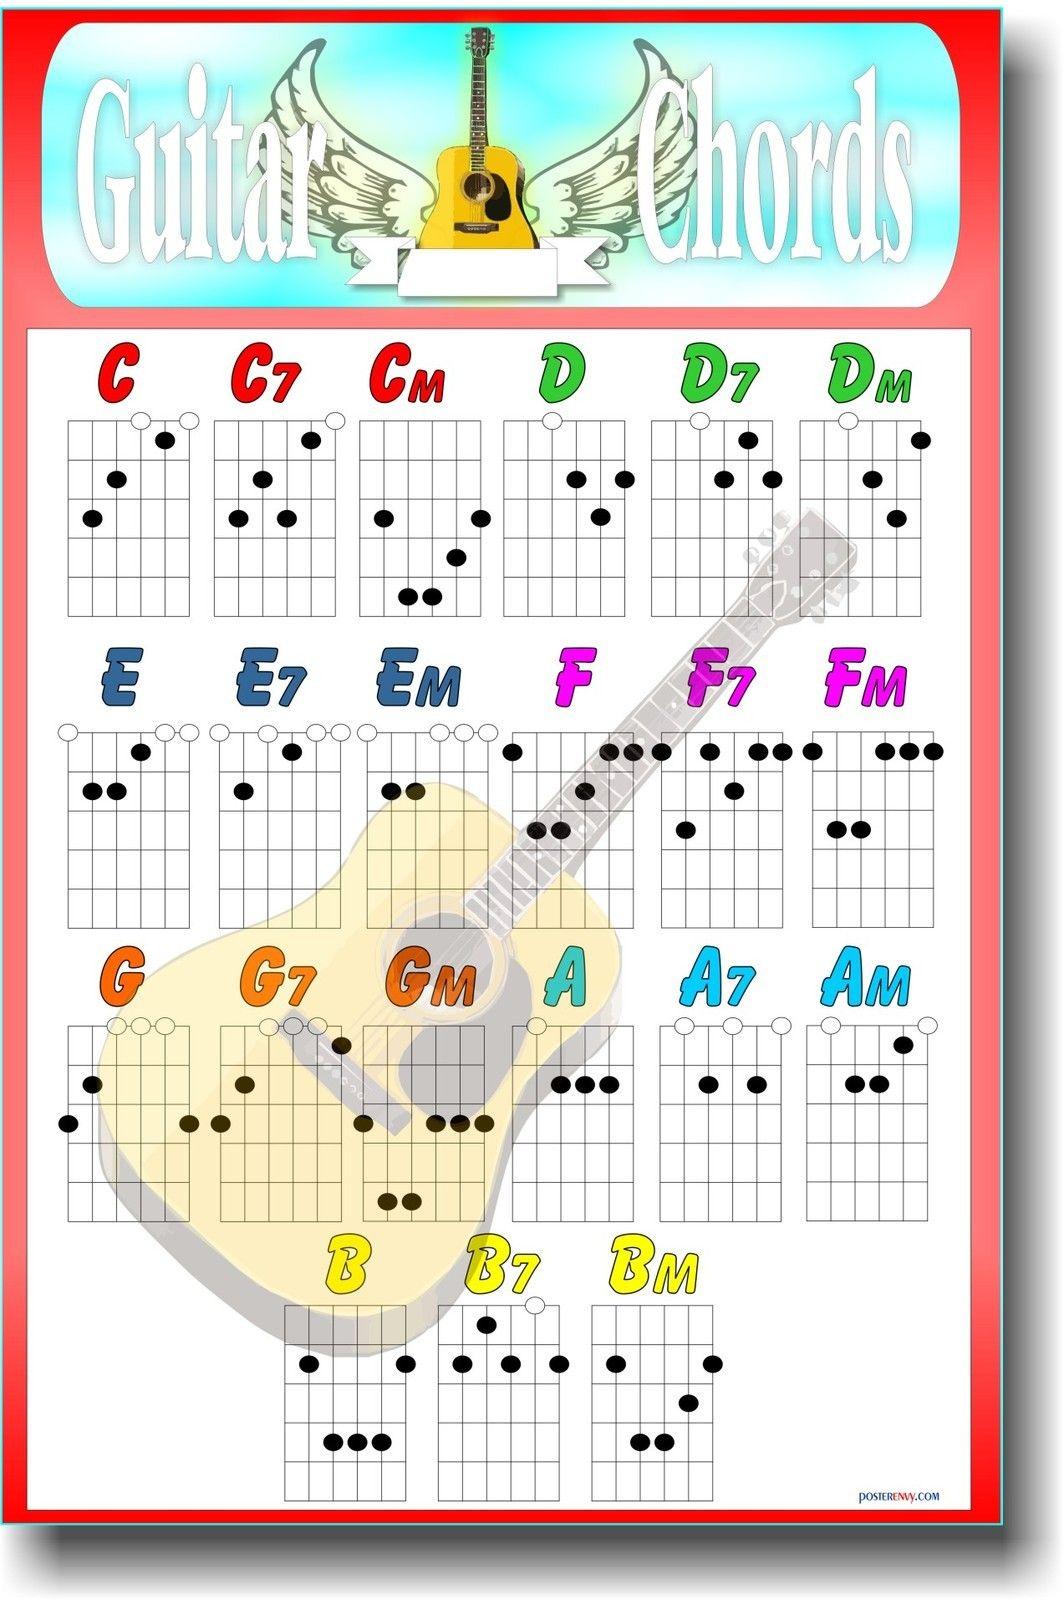 colored guitar chord chart http://www.guitarandmusicinstitute.com ...